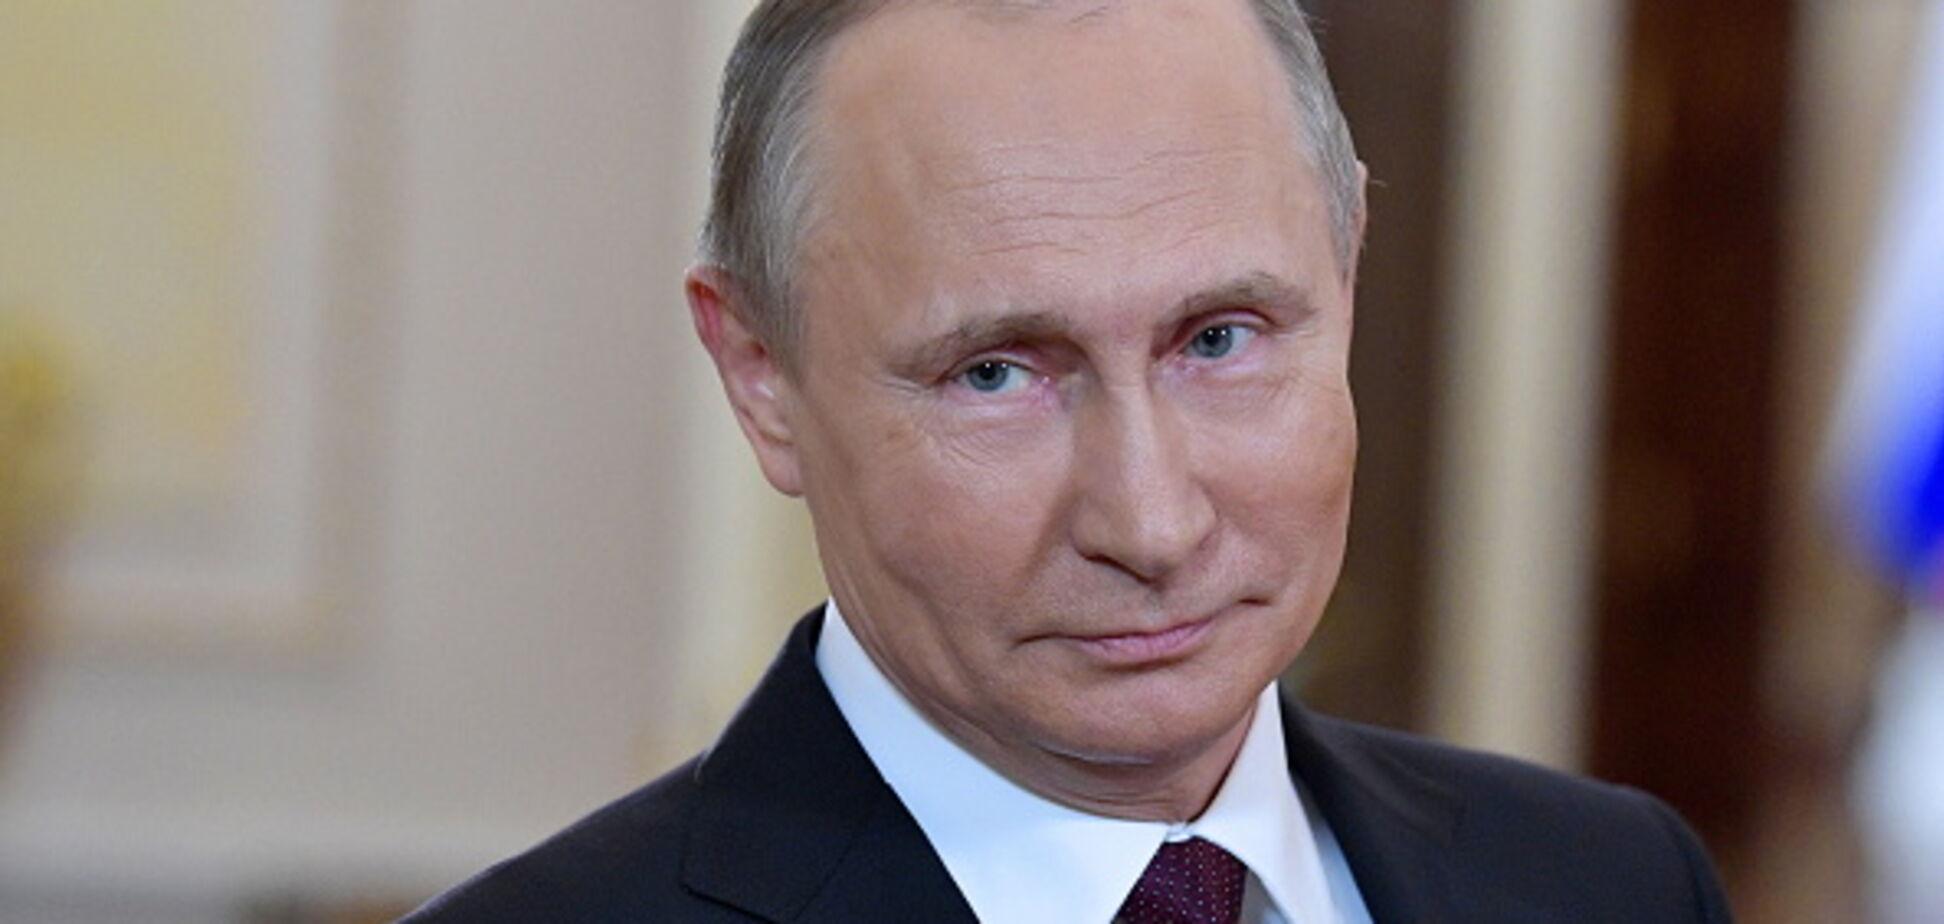 'Ботоксная гебешная мразь': Слава Рабинович пояснил, что украинцам нужно знать о Путине